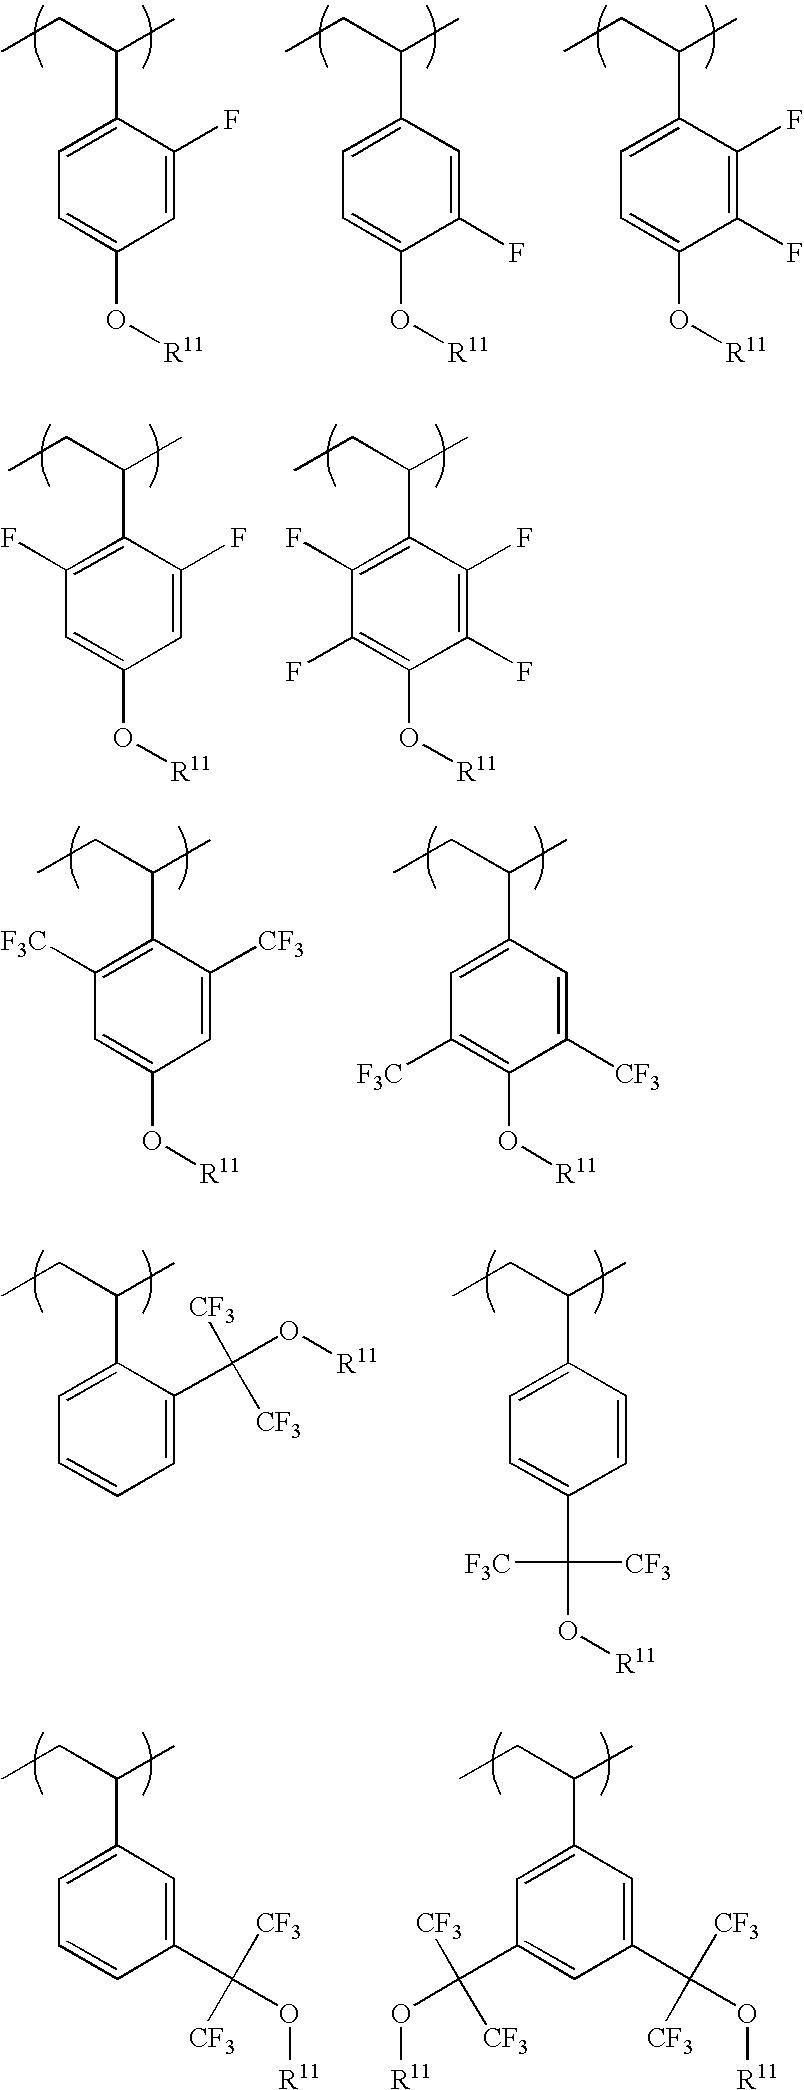 Figure US20060094817A1-20060504-C00045